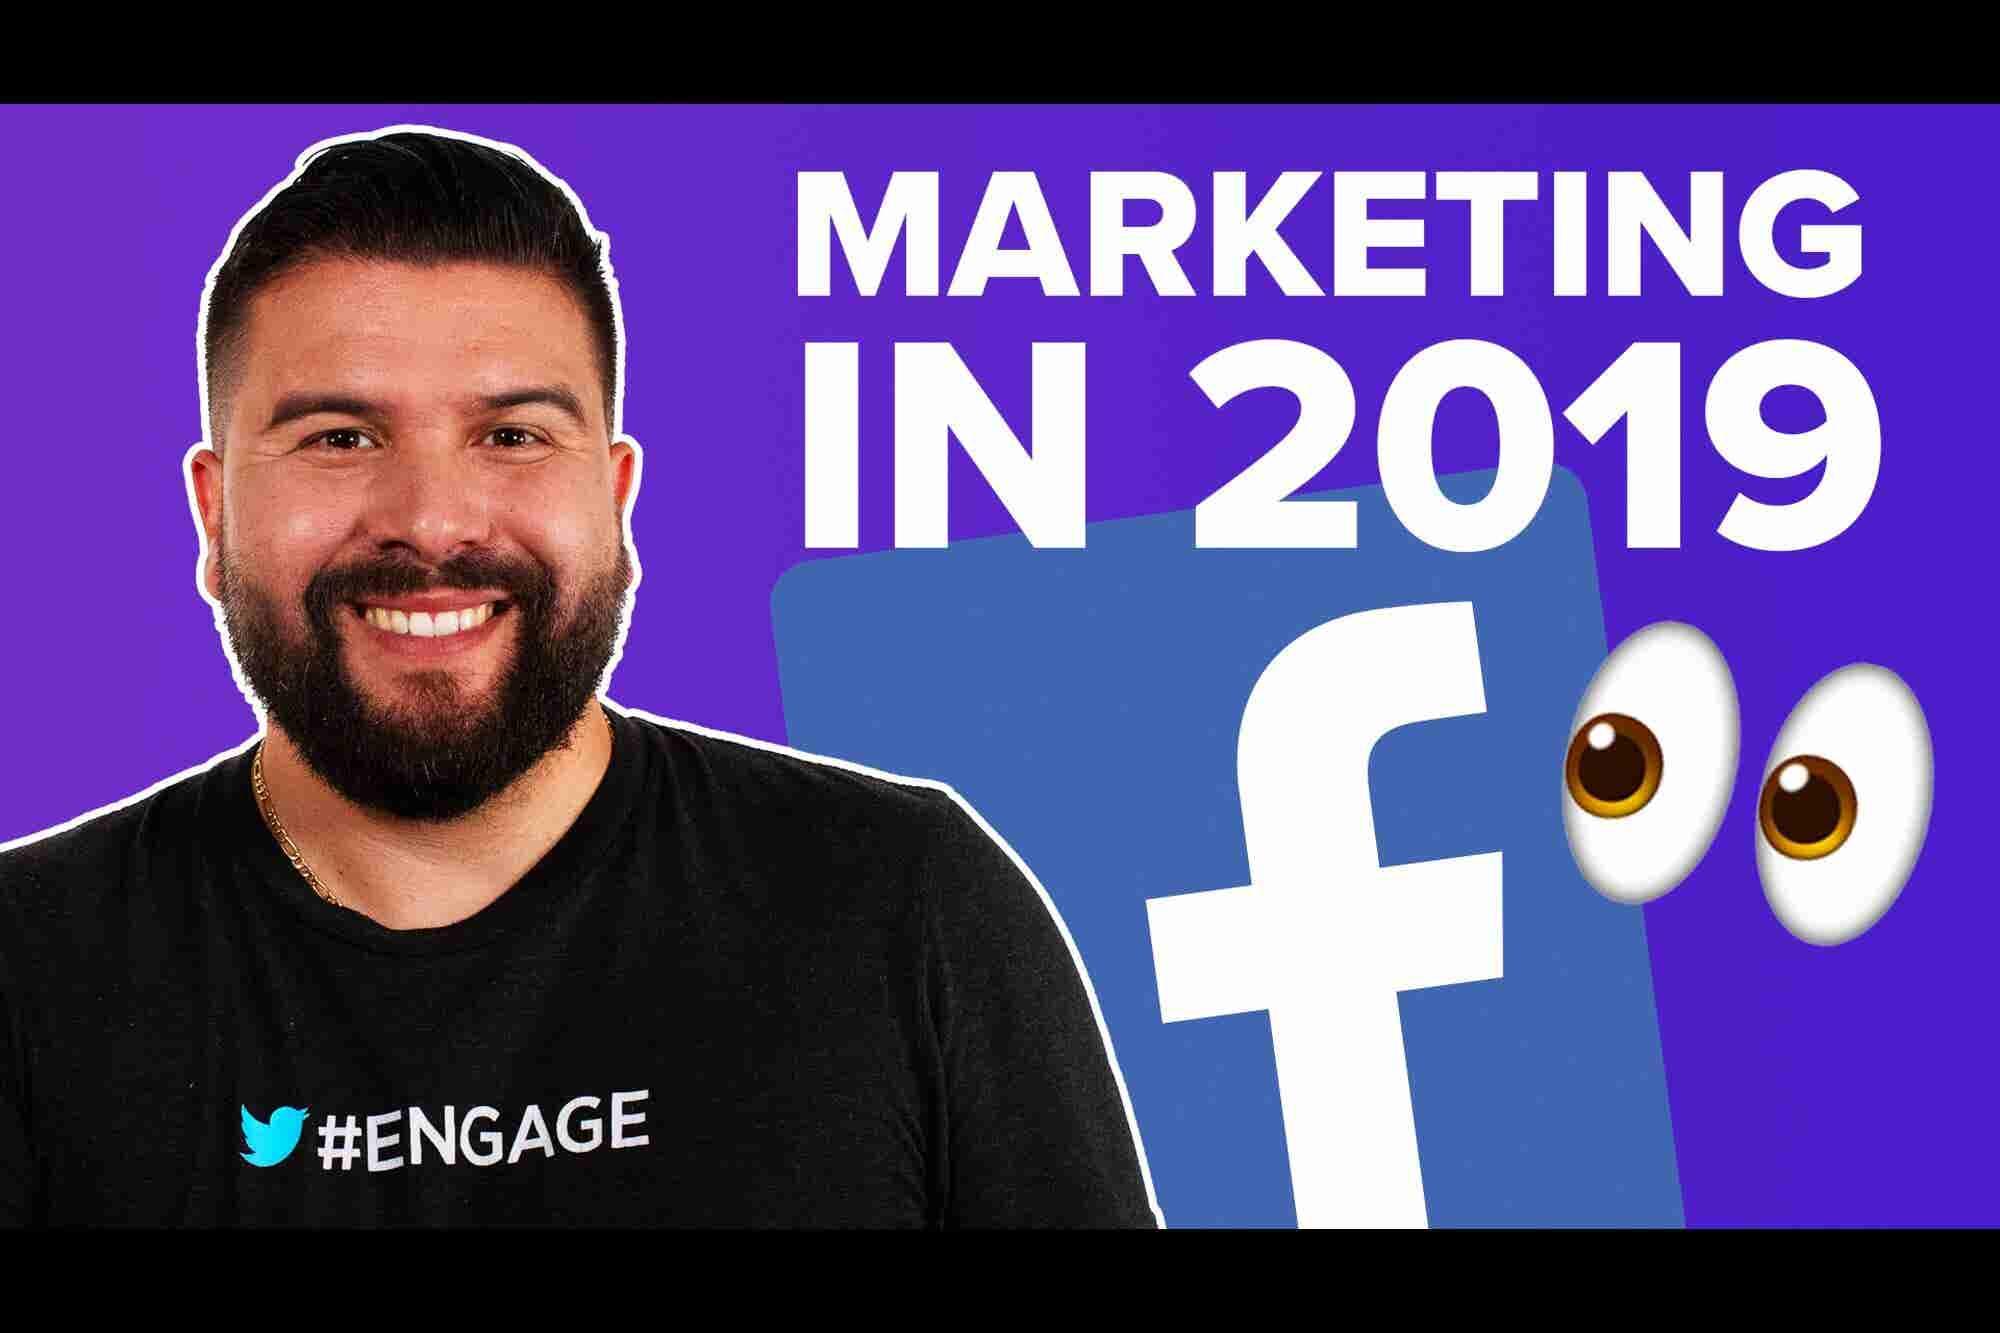 5 Tips to Dominate Social Media Marketing in 2019